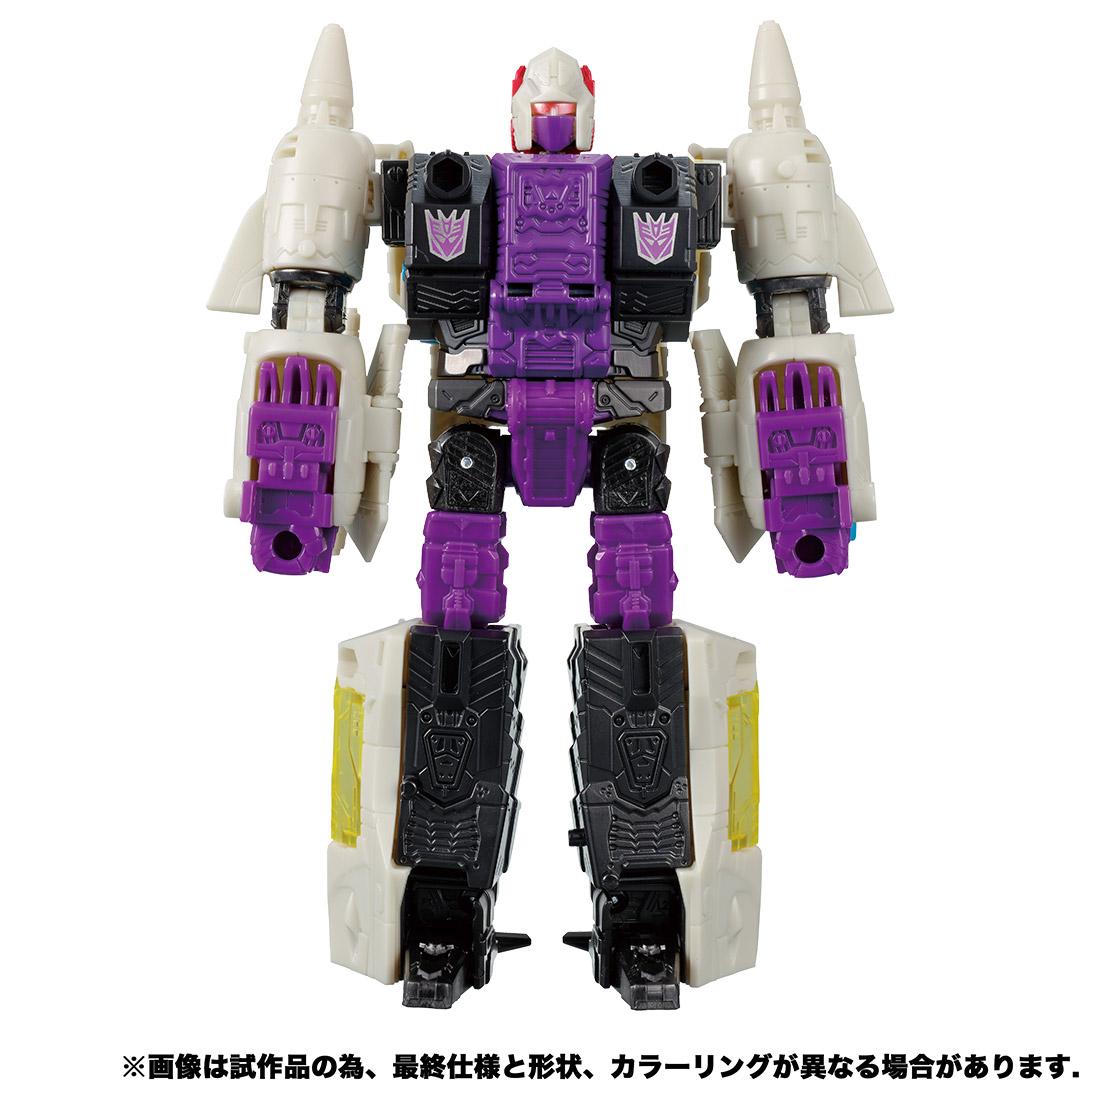 【限定販売】トランスフォーマー アースライズ『ER EX-10 スナップドラゴン』可変可動フィギュア-005